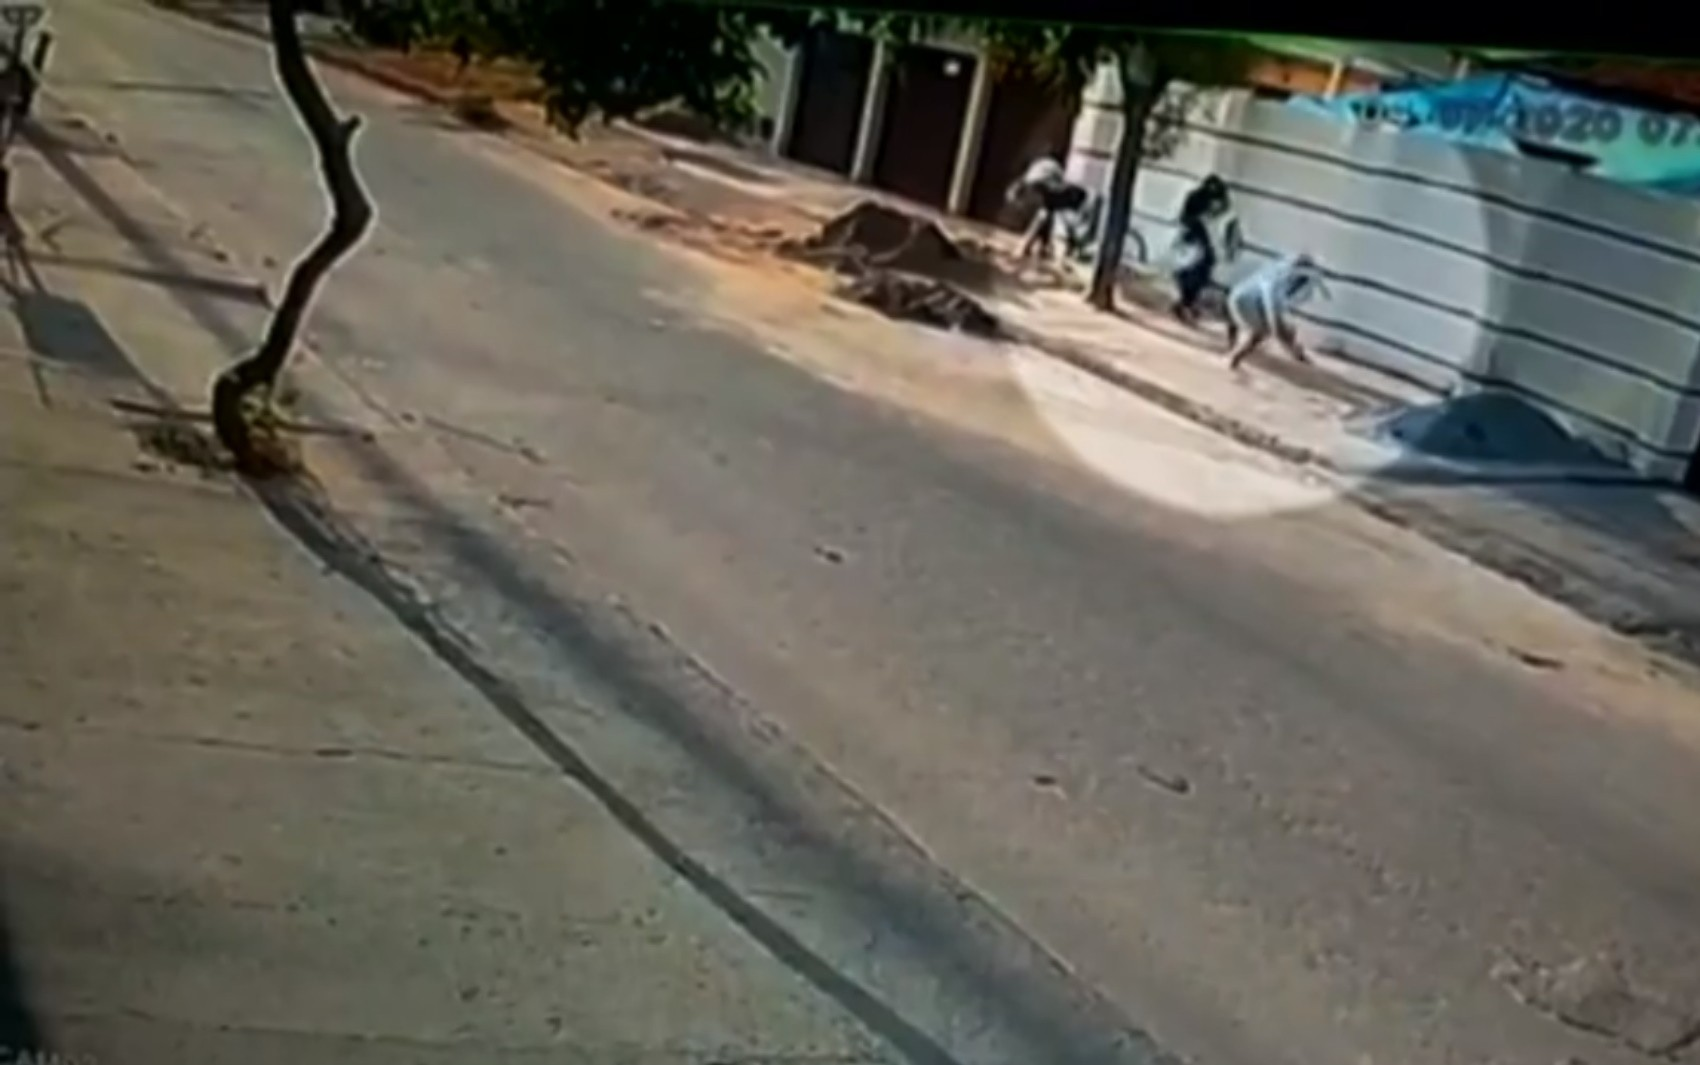 Homem disfarçado de mendigo é suspeito de matar empresário a tiros na porta de casa, em Aparecida de Goiânia; vídeo